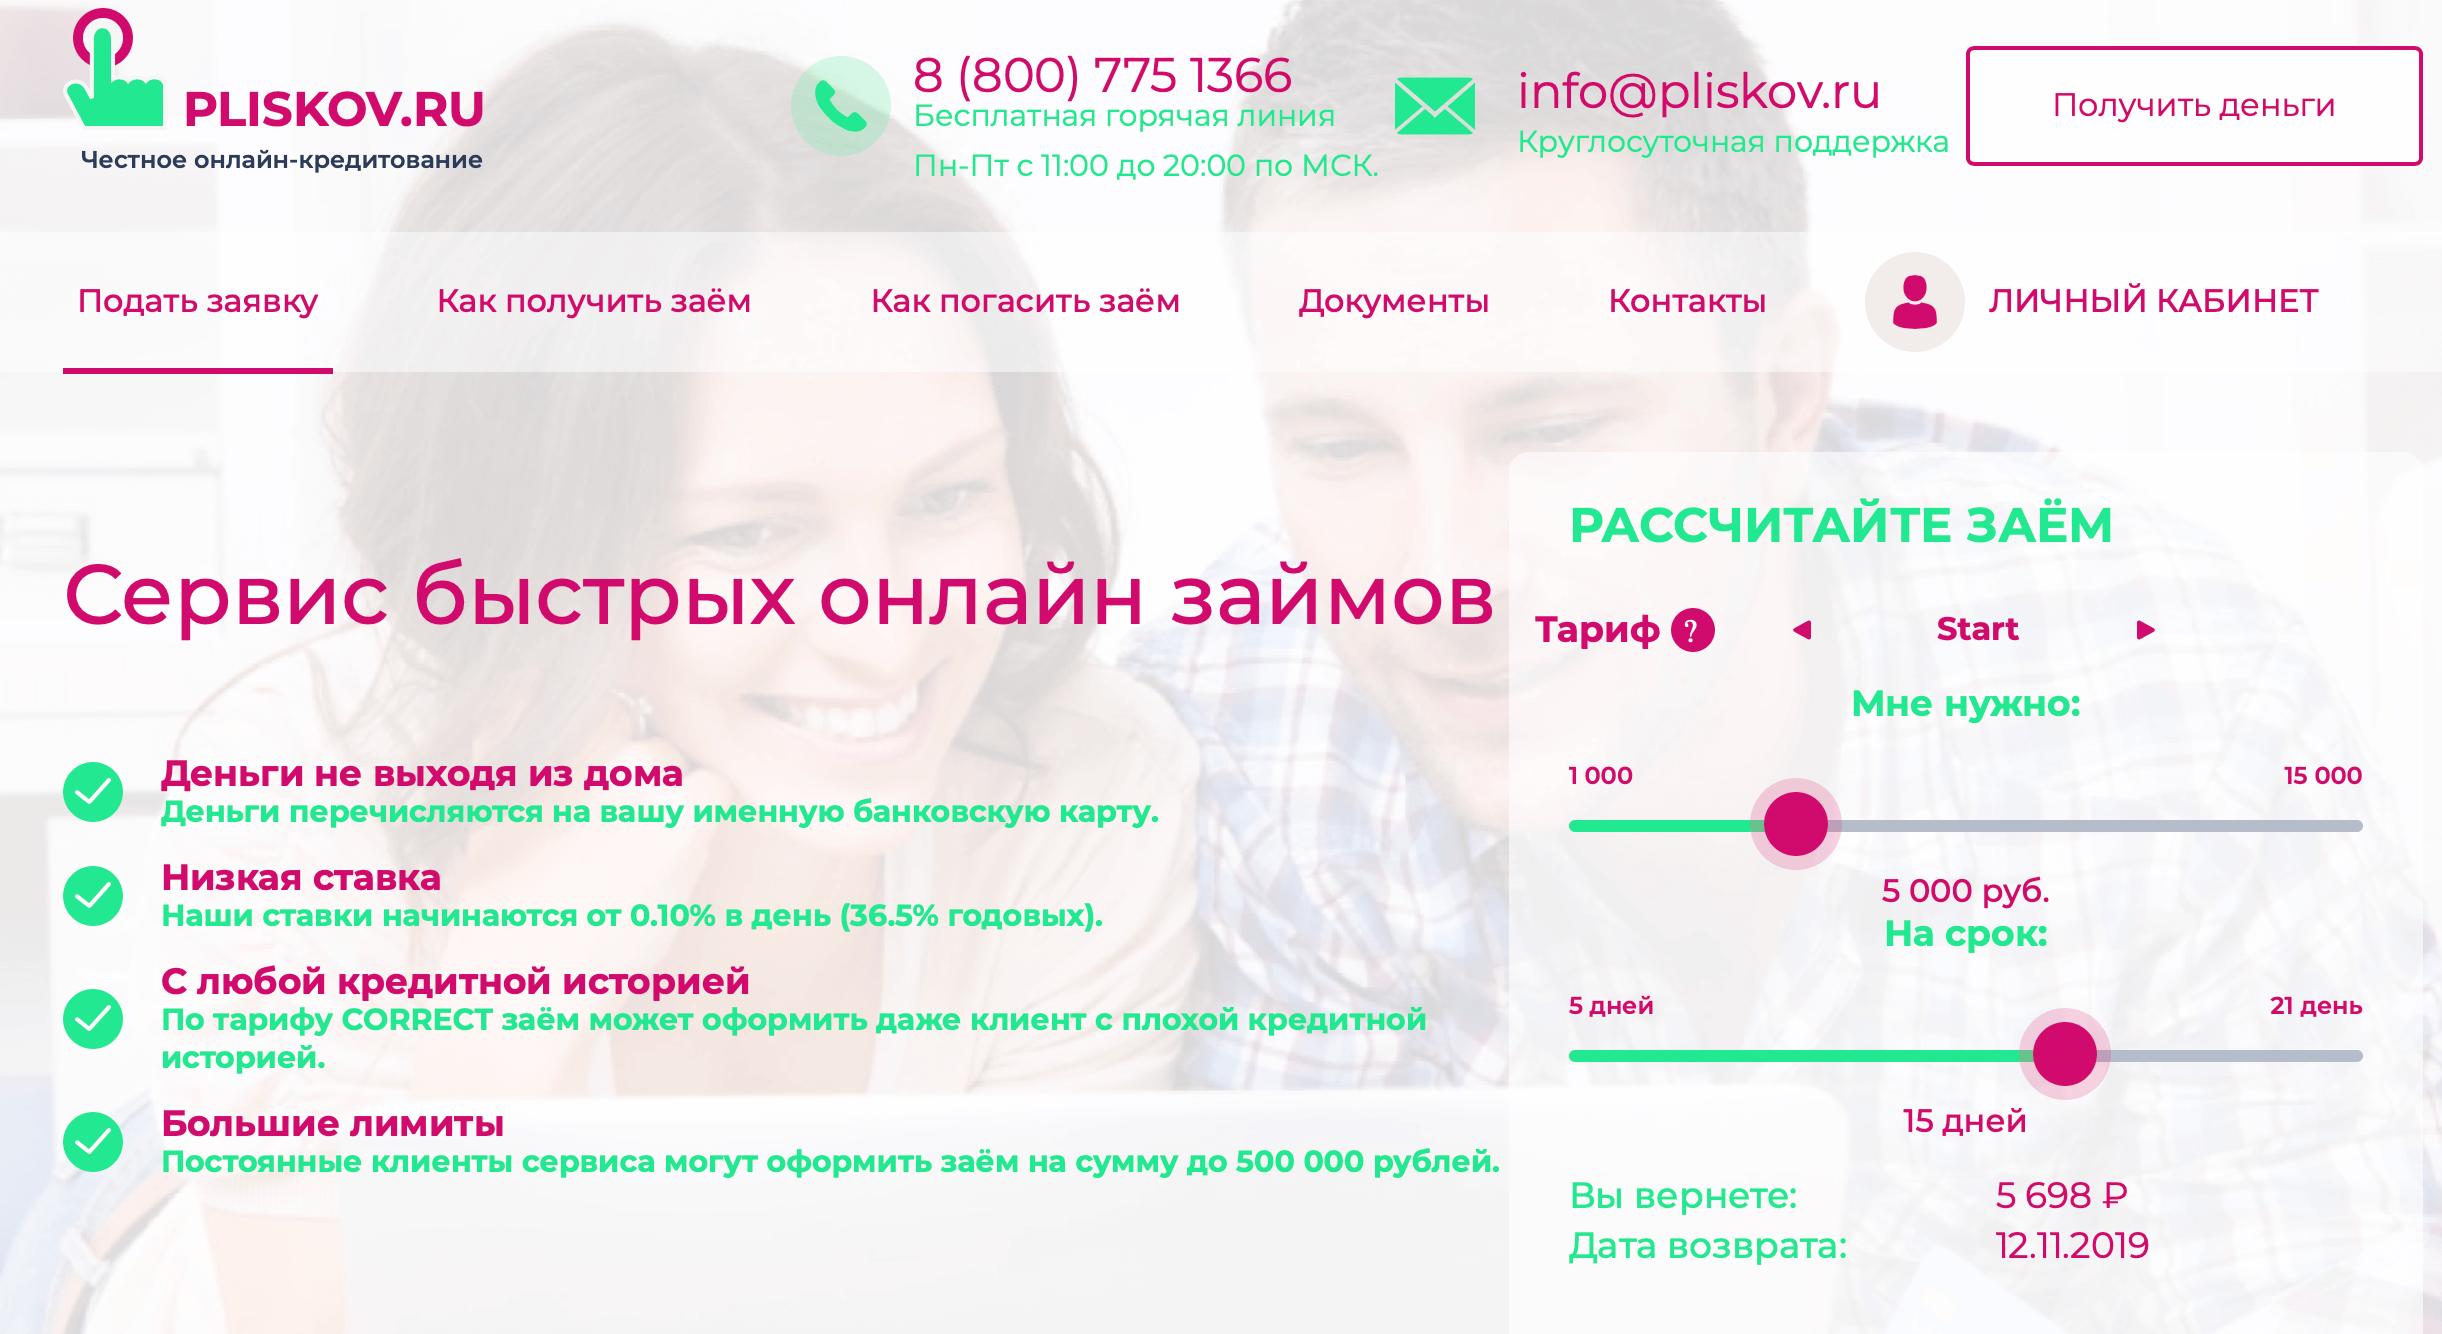 Официальный сайт плисков